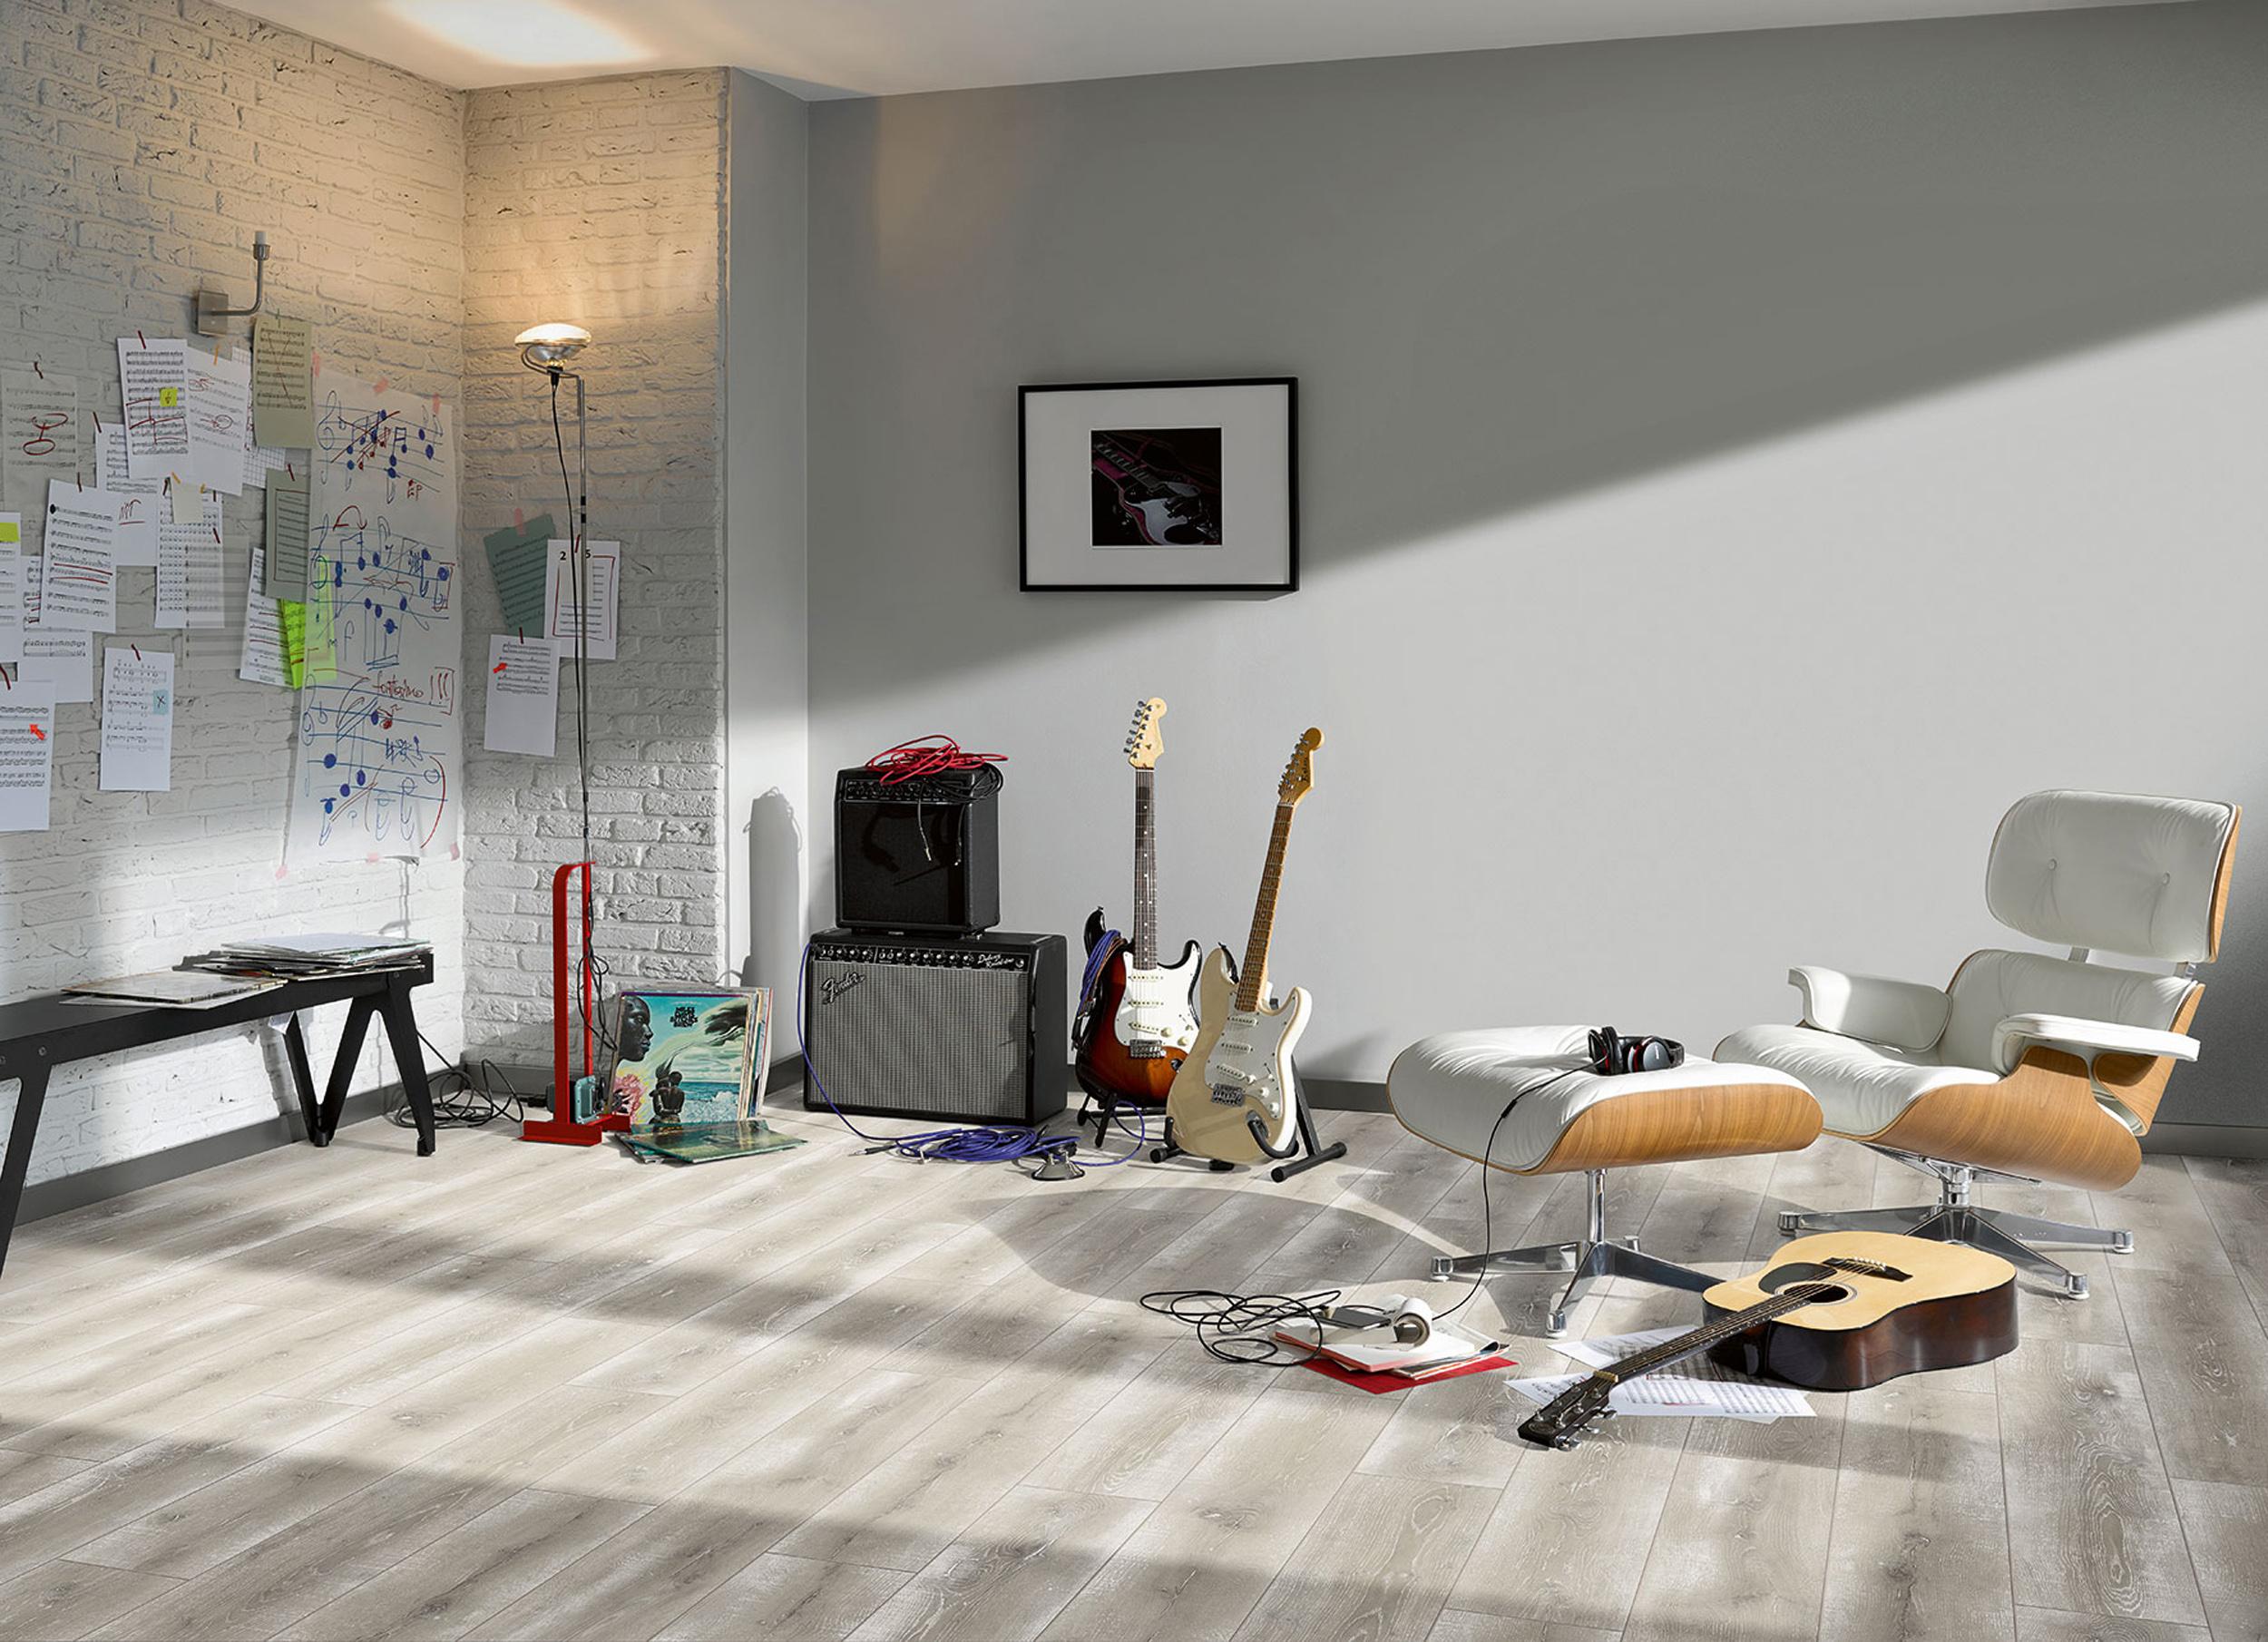 Neben seiner offenen Raumgestaltung ist für ein Loft die freiliegende Backsteinmauer charakteristisch. Passend dazu kann ein Raum mit Laminat gestaltet werden. In schlichter Farbe und mit leichten Schattierungen wirkt der Raum sehr einladend. Bildquelle: tdx/Parador